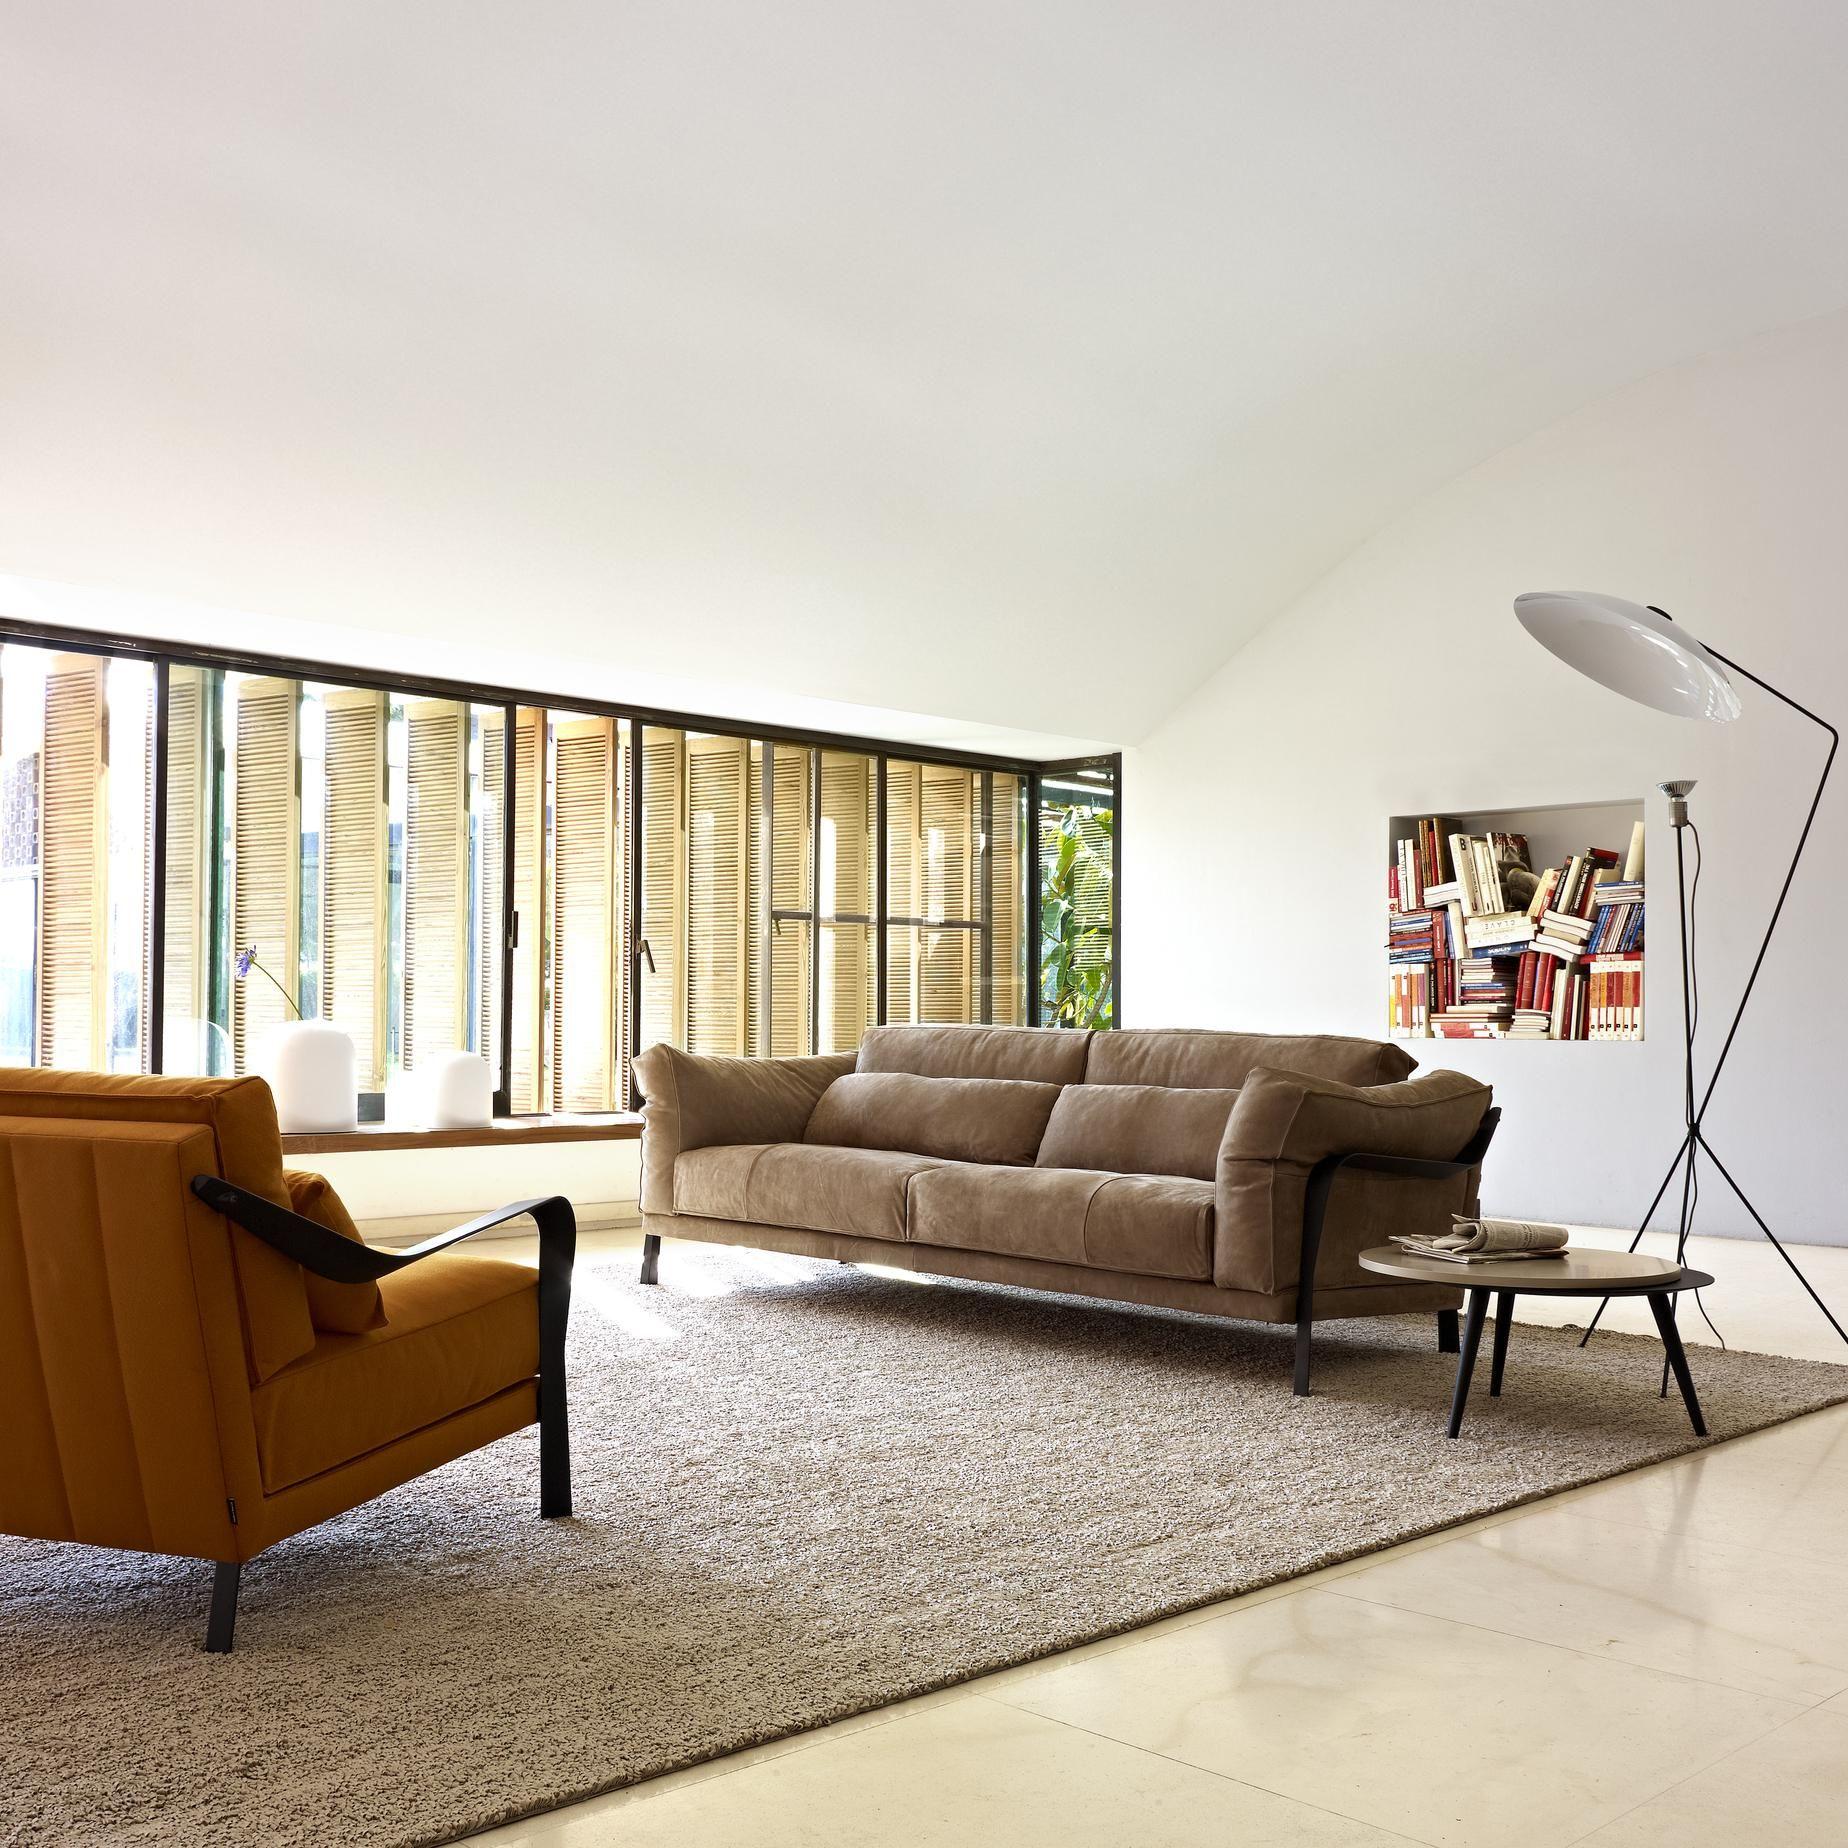 CITYLOFT, Upholstery Designer : Pascal Mourgue | Ligne Roset